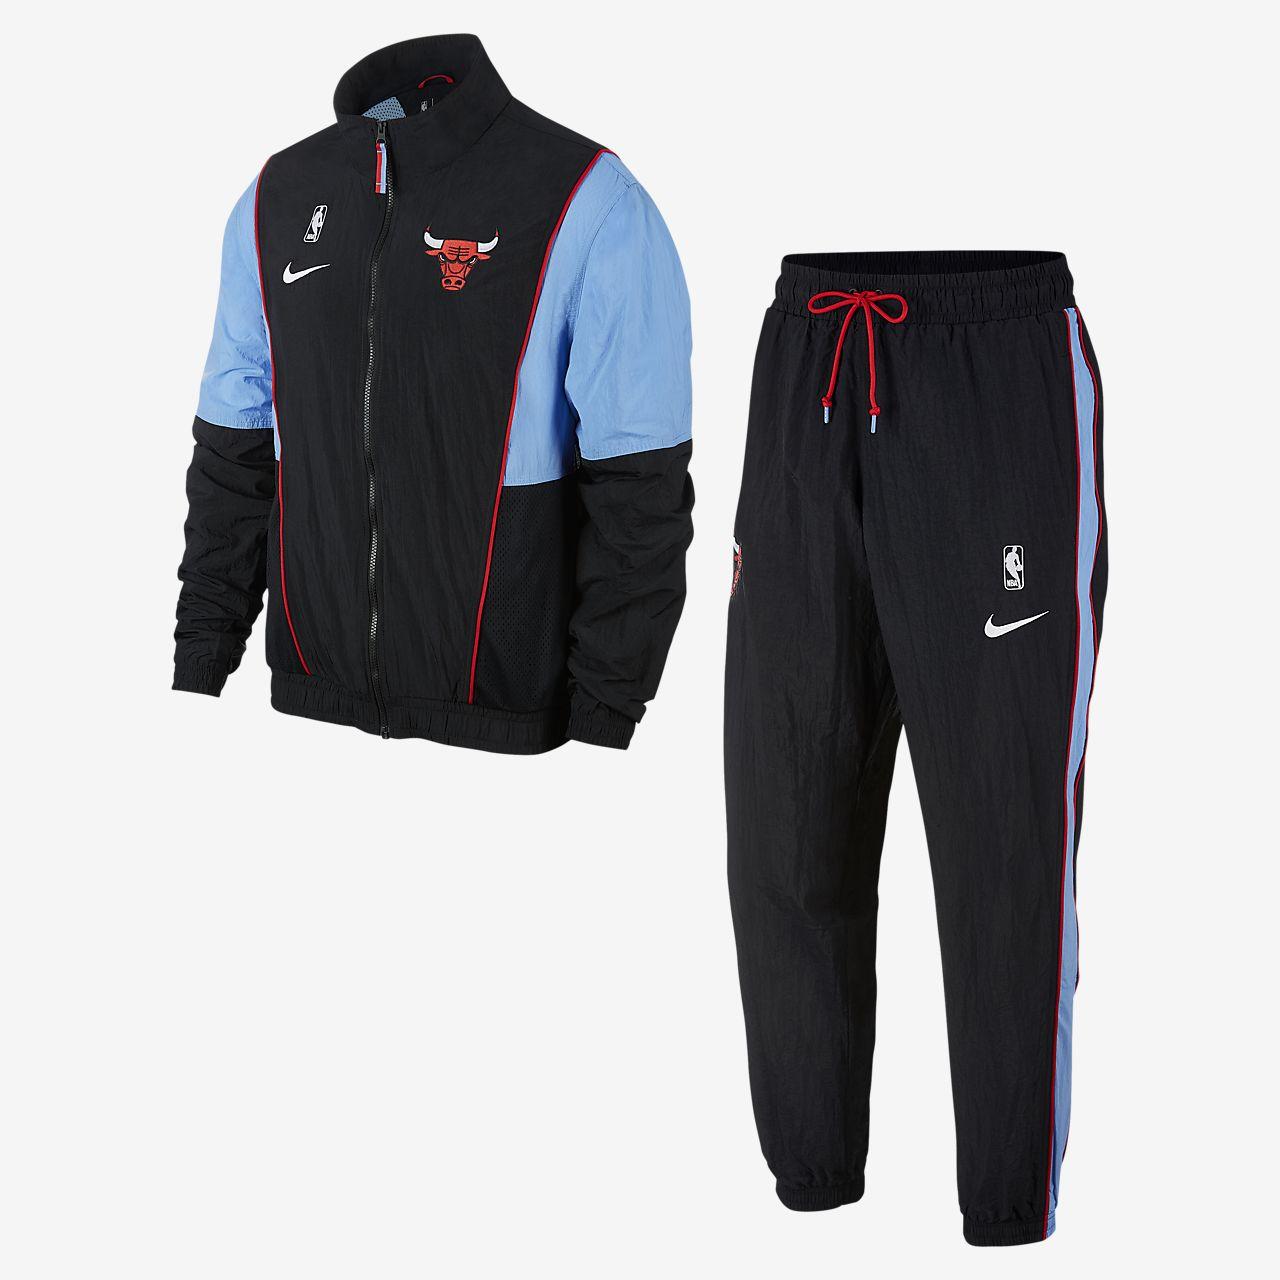 Ανδρική φόρμα NBA Chicago Bulls Nike. Nike.com GR c9021a898c9